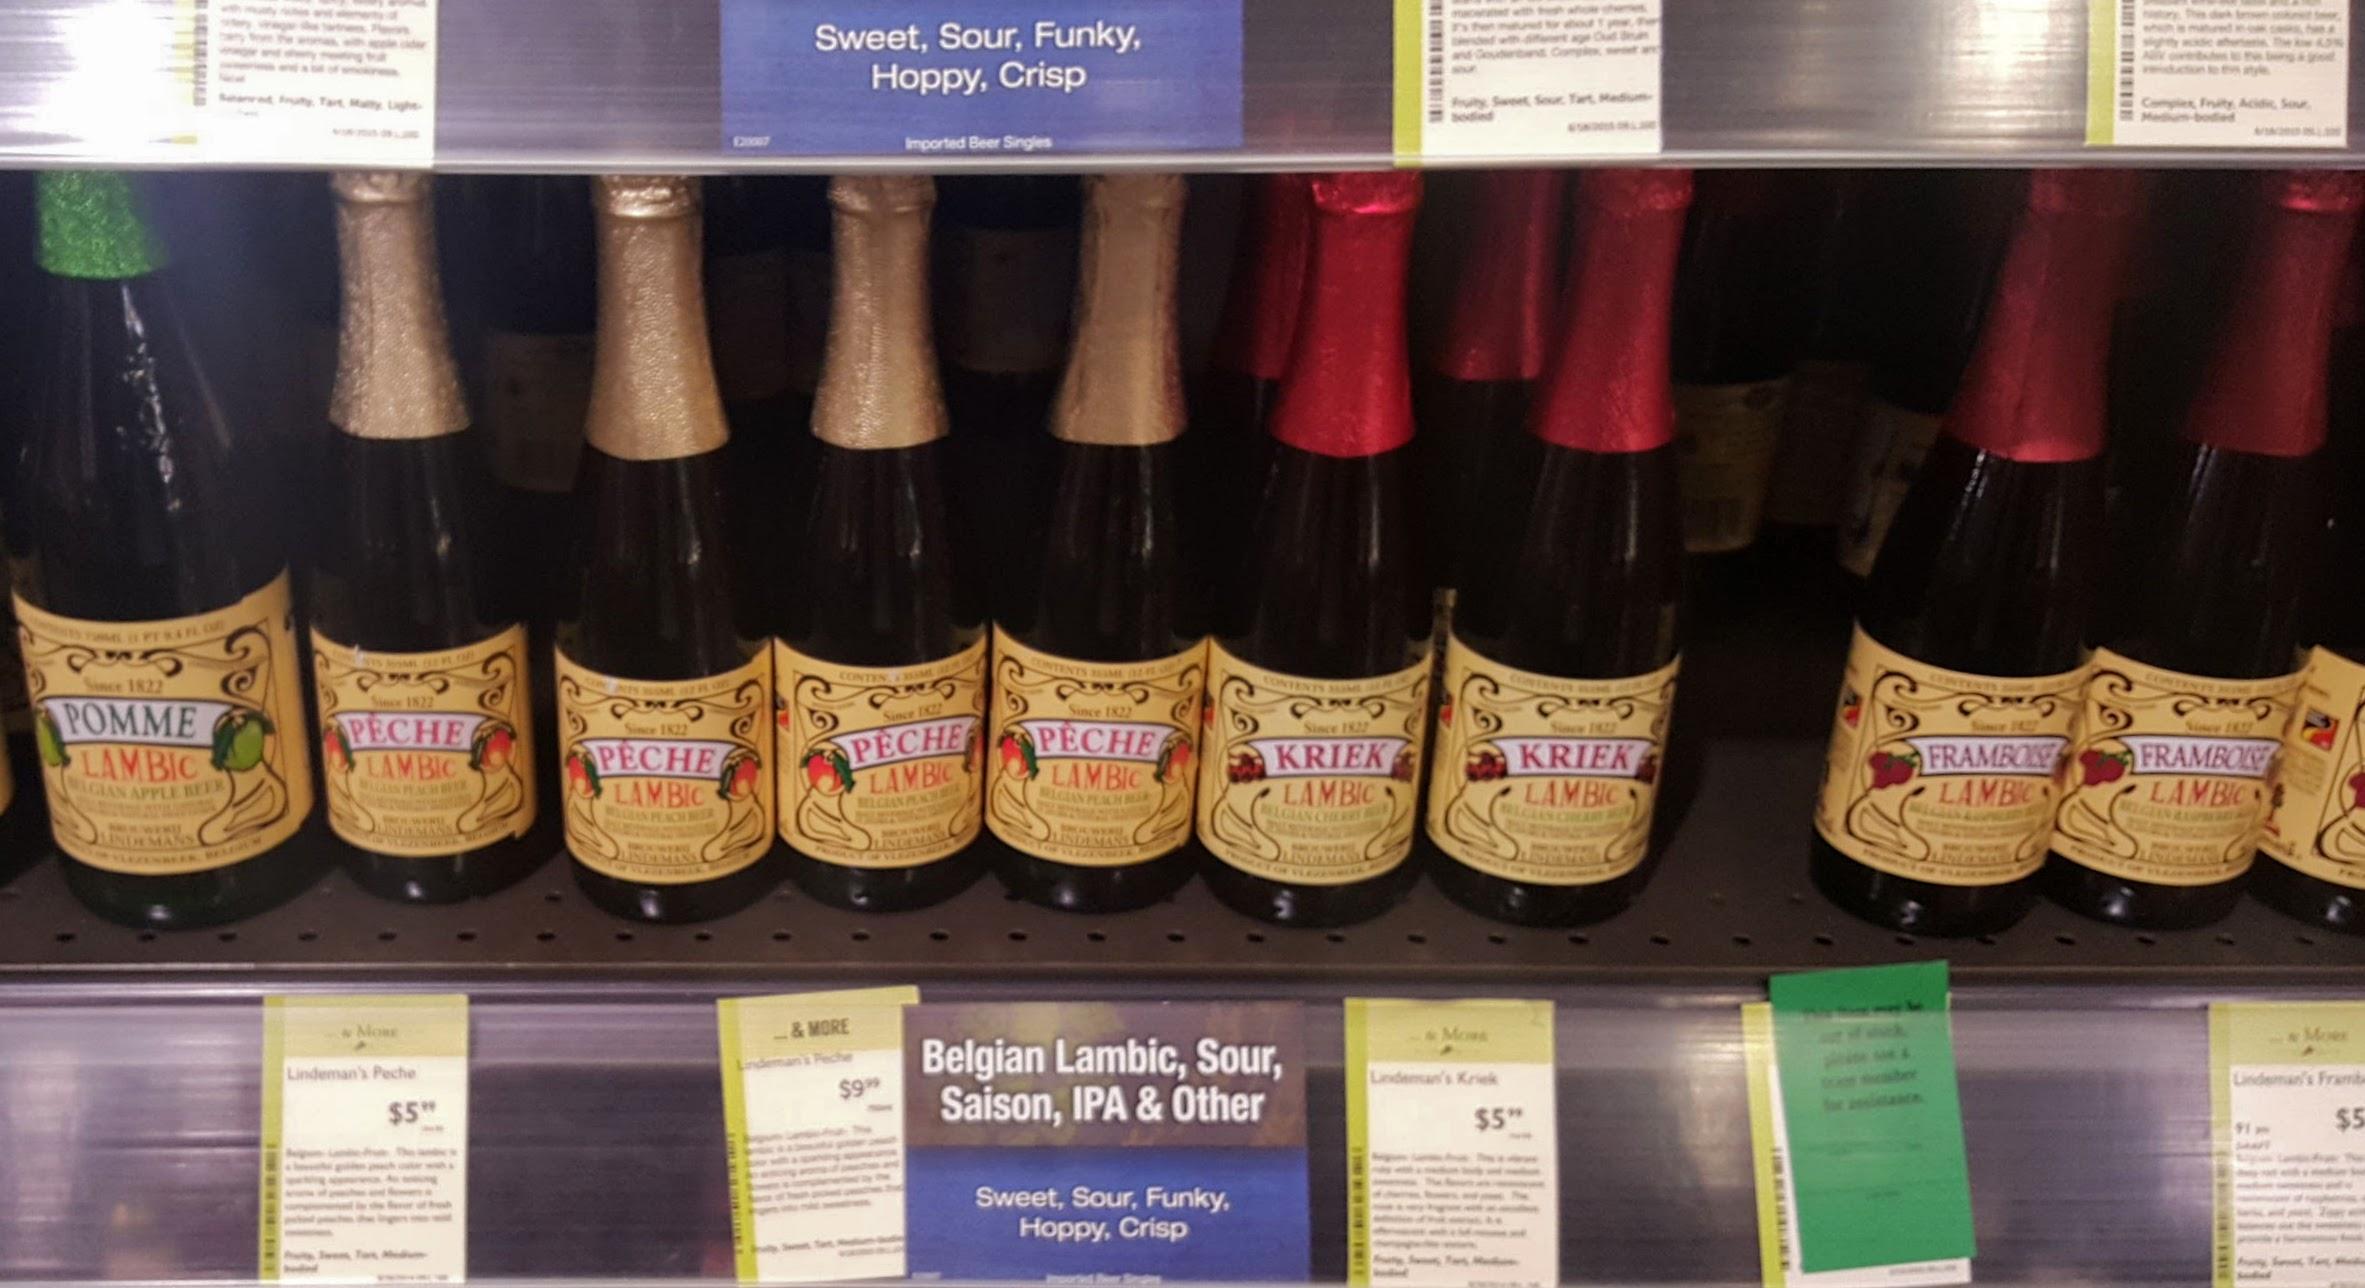 Figura 3 - ¿Alguna vez han visto cervezas recostadas a la venta? Esto se debe a que es más recomendable almacenarlas de manera vertical, sobre todo las cervezas que están a punto de consumirse.